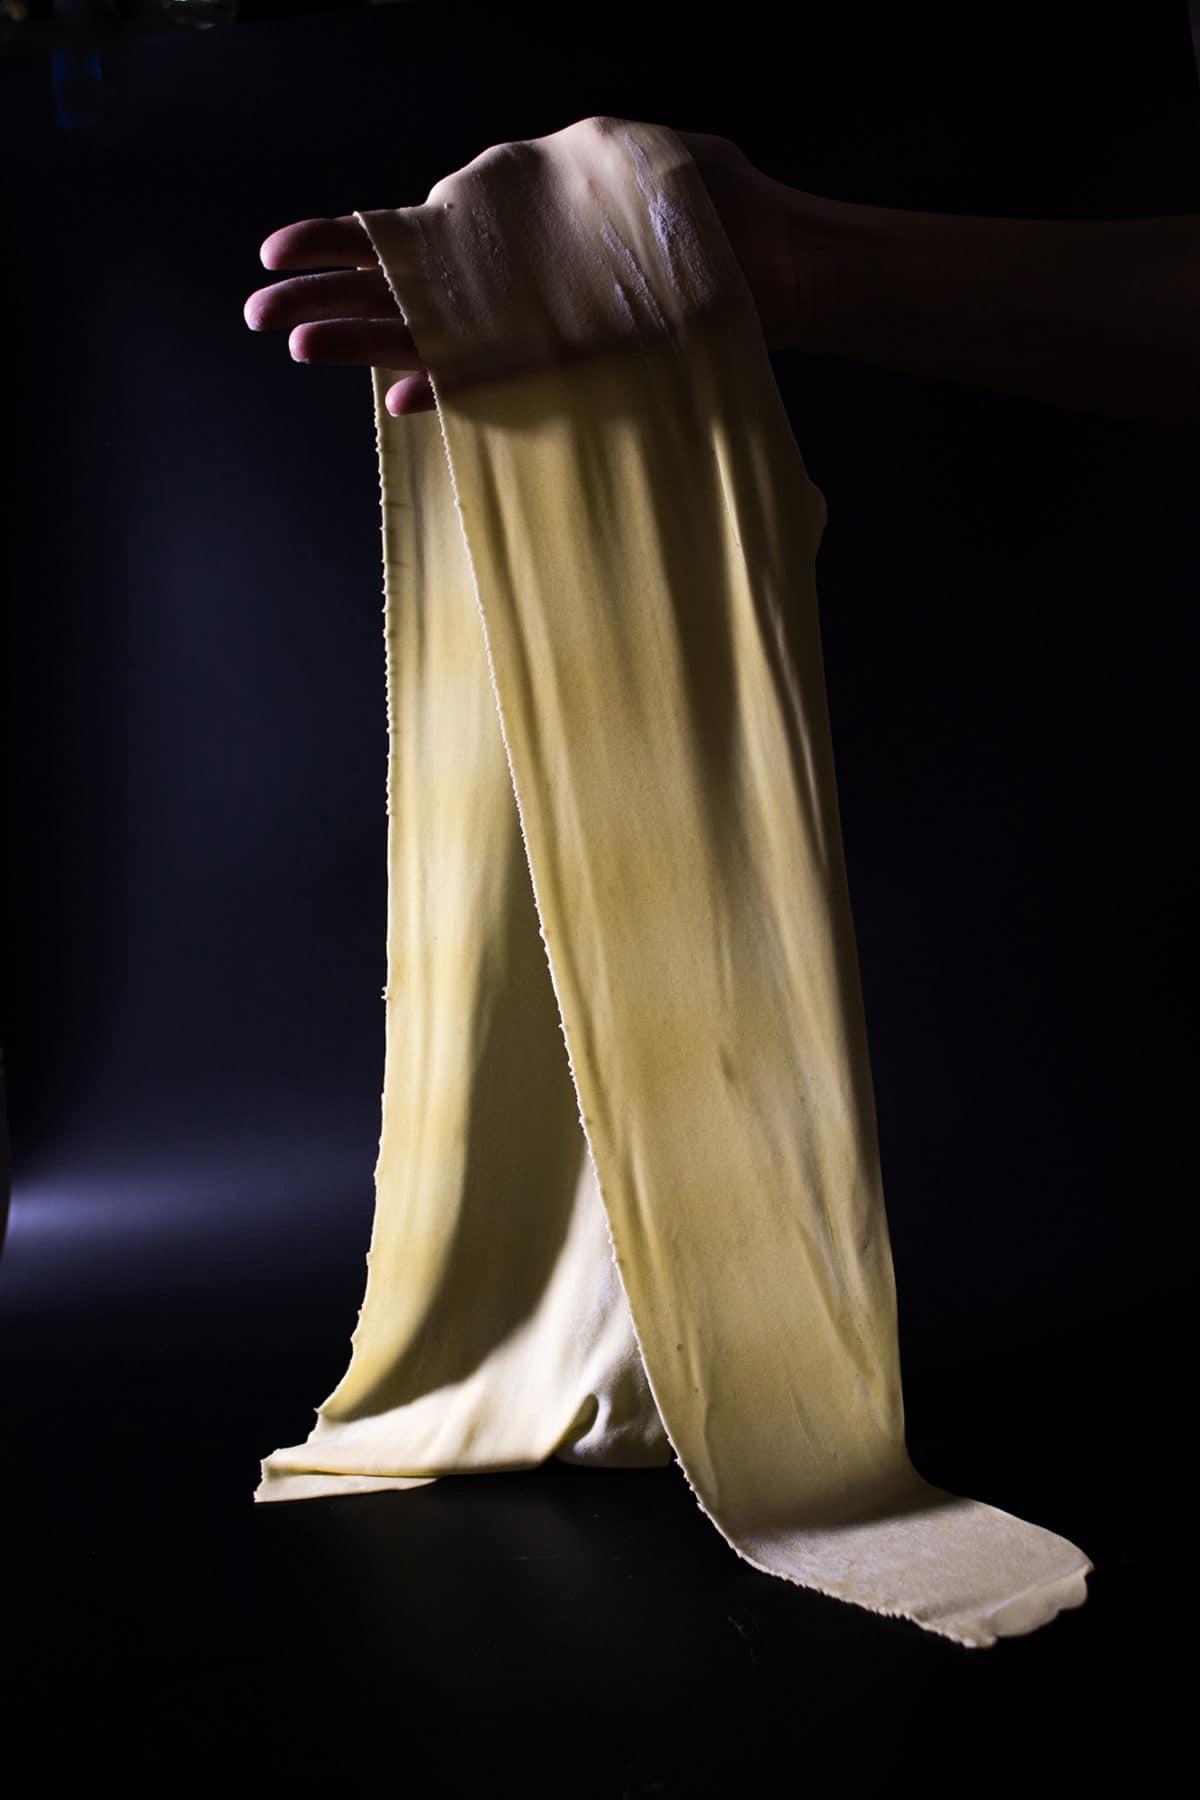 kobuch-tortelloni-fresh-pasta-sheet